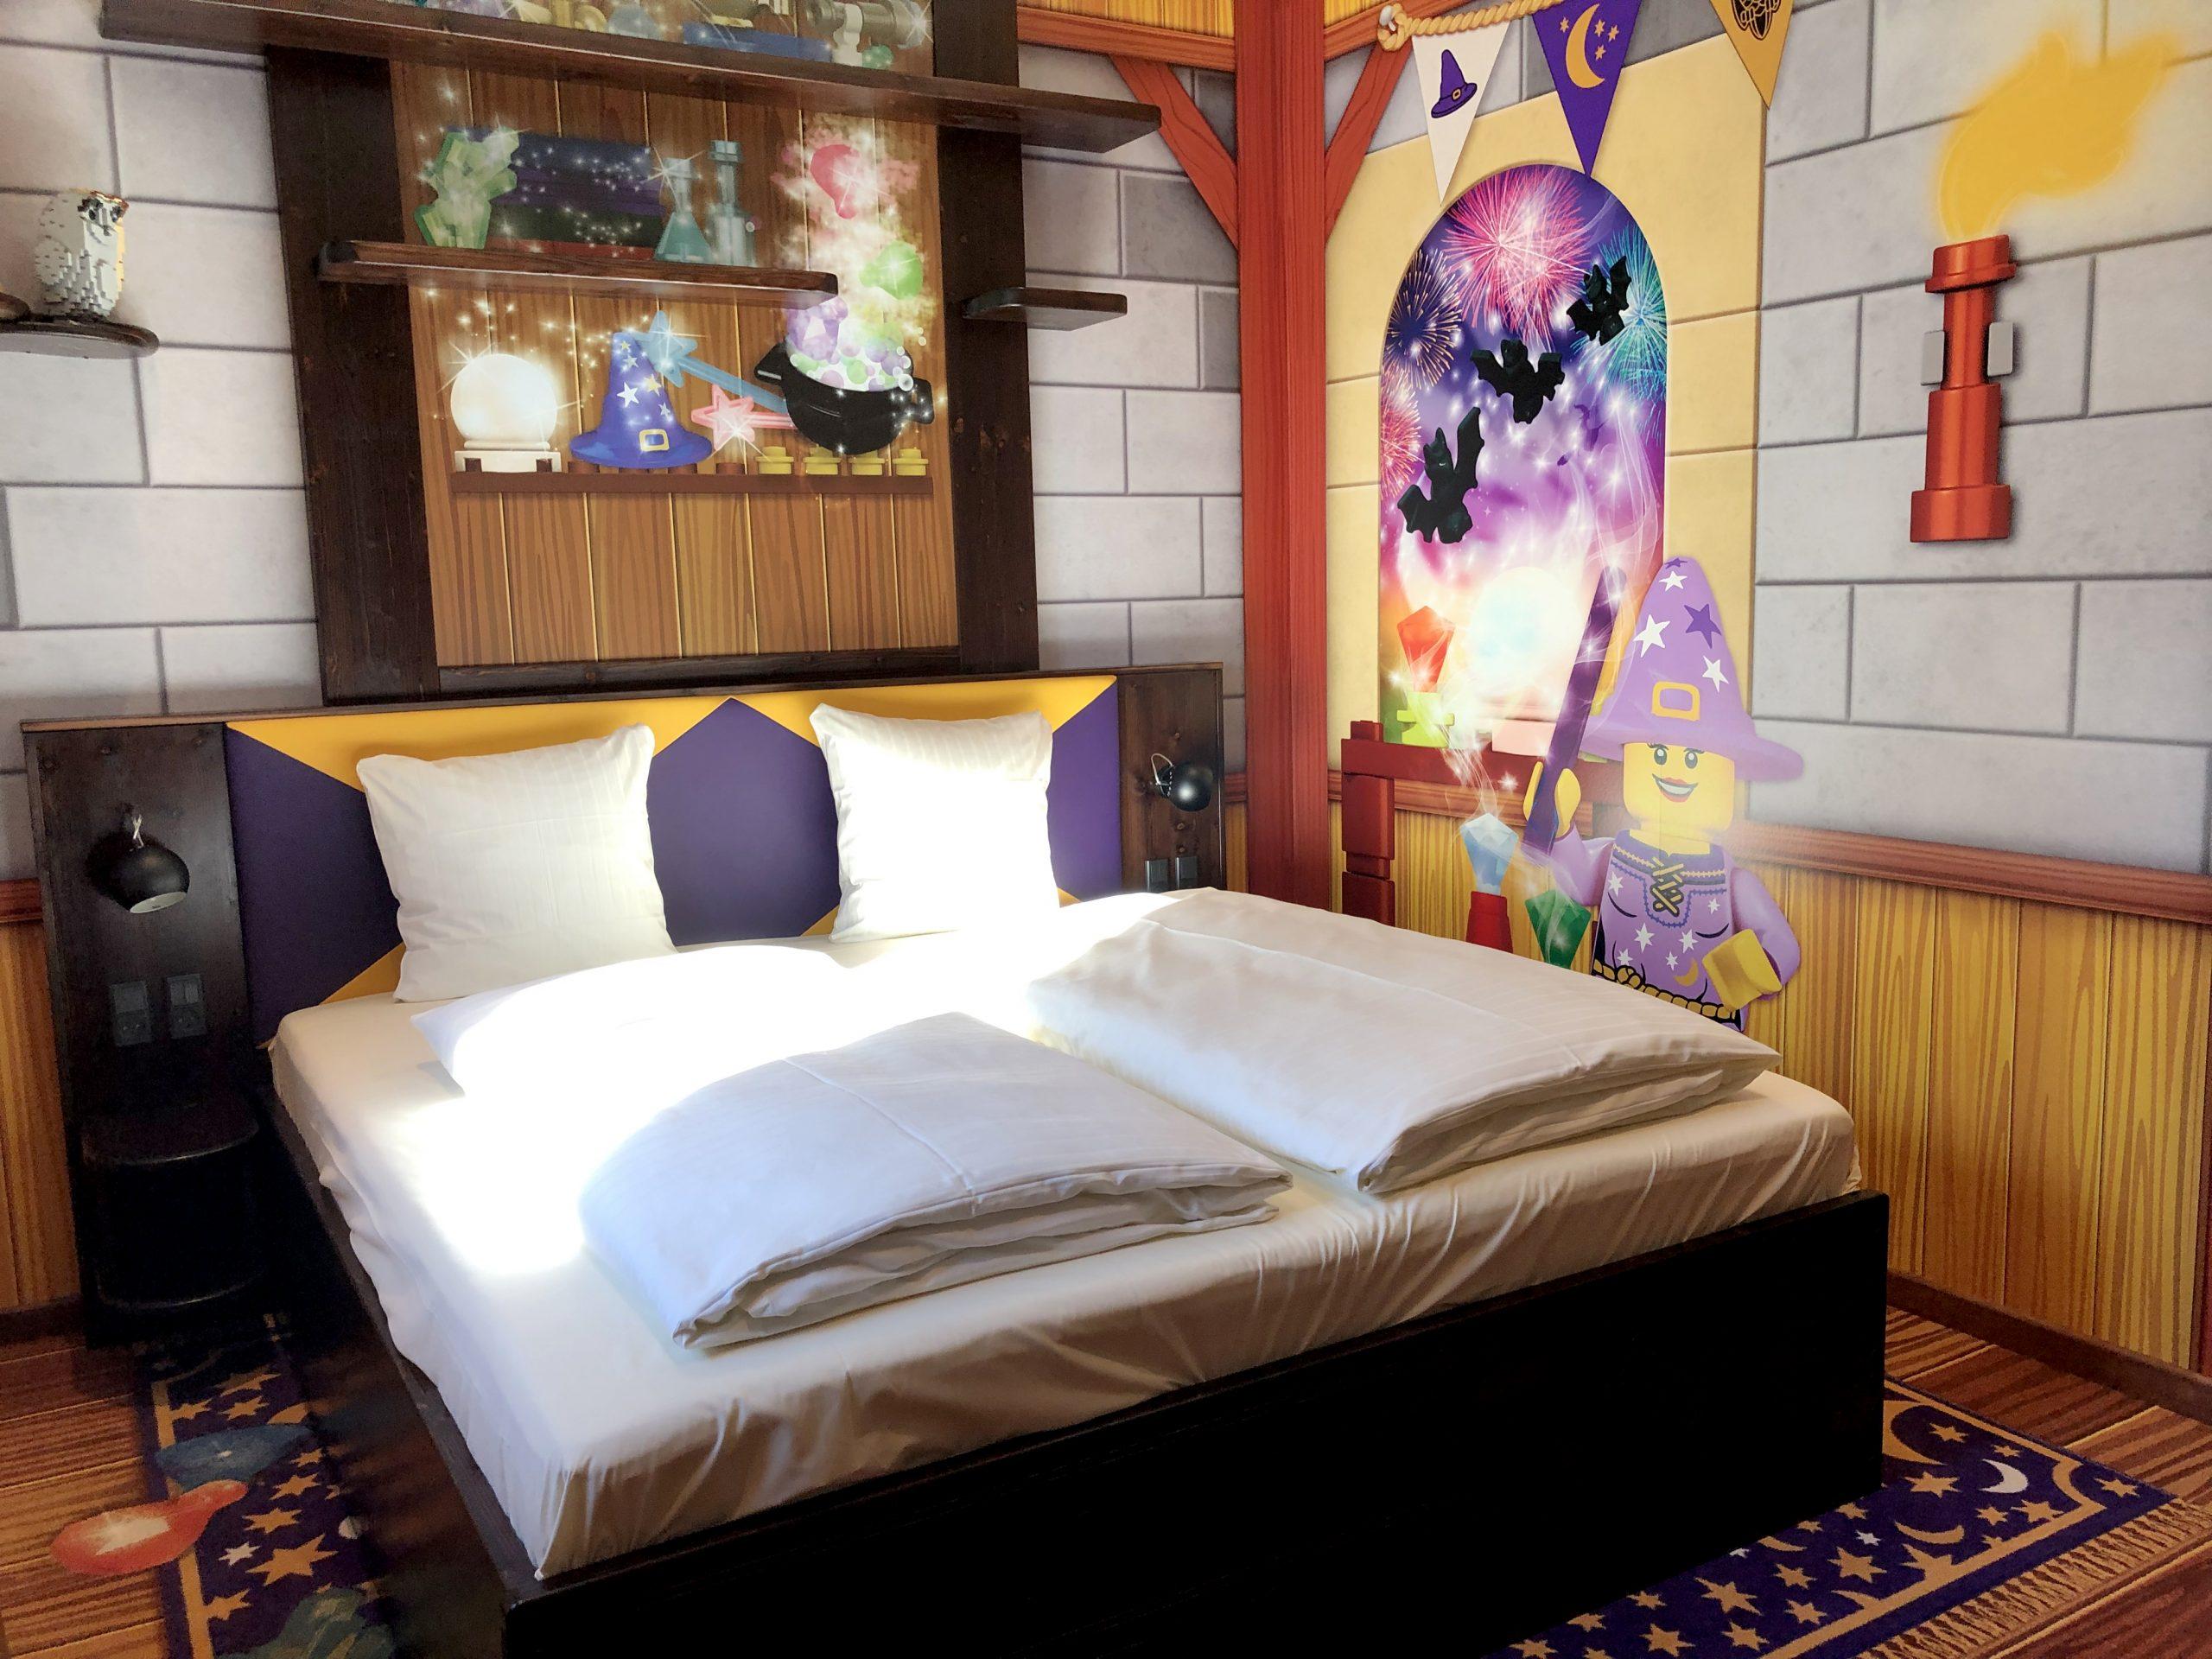 Danmark havde sidste år 56 millioner udenlandske og danske overnatninger, flest i ferieboliger, mens hotelovernatningerne var næststørste område. Sidste år fik Danmark 2.500 nye hotelværelser – blandt de 142 på Legoland Castle Hotel i Billund. Pressefoto: Legoland Billund.